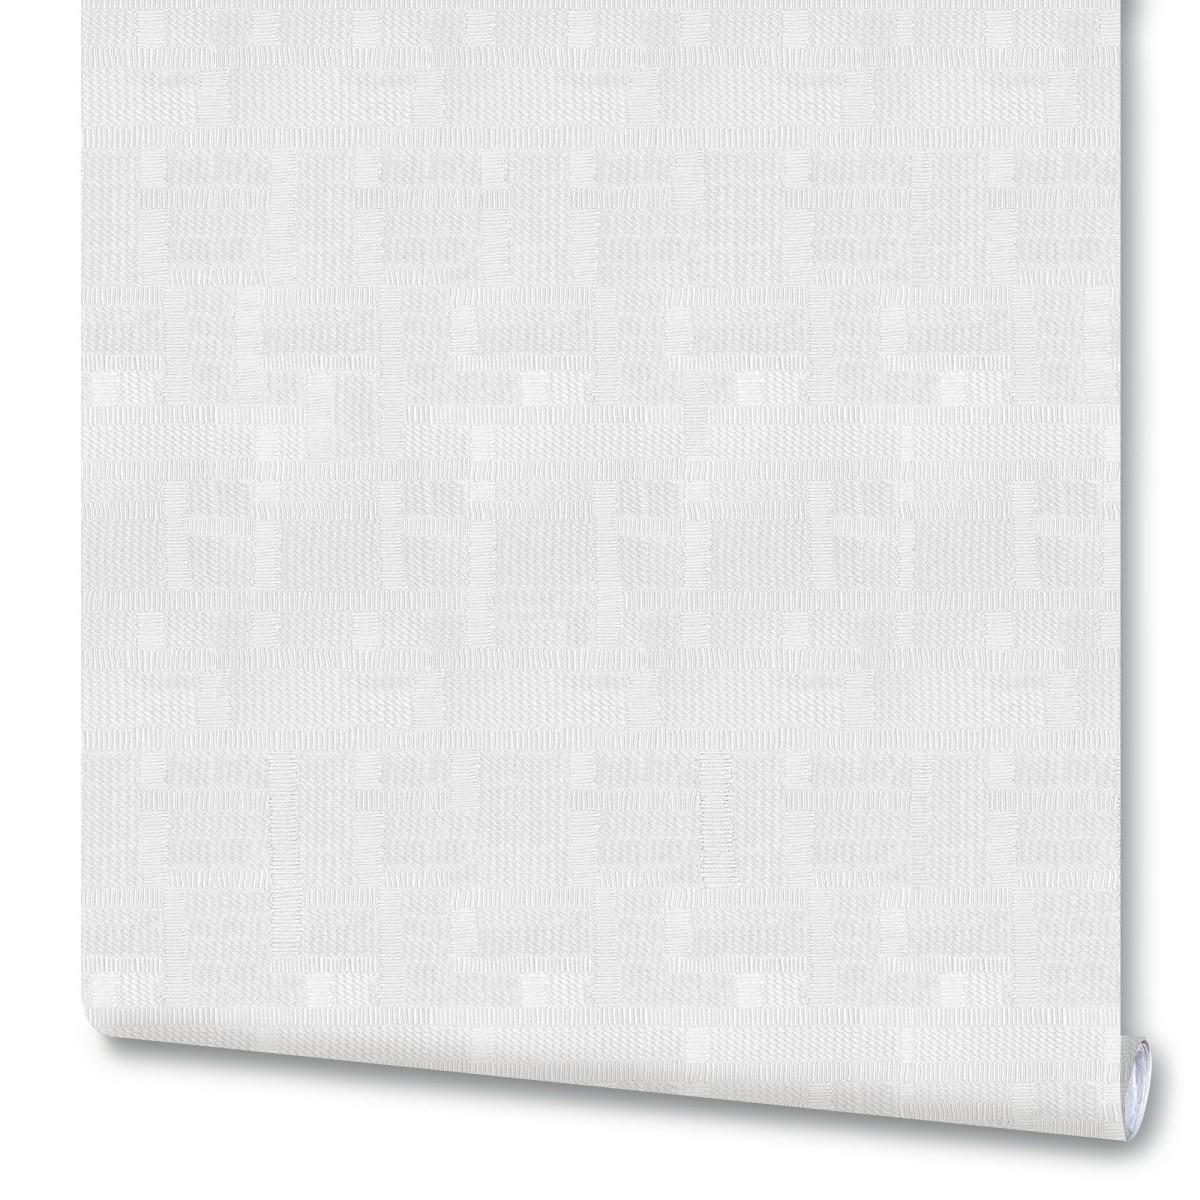 Обои флизелиновые Vernissage Абстракция белые 1.06 м 168060-00